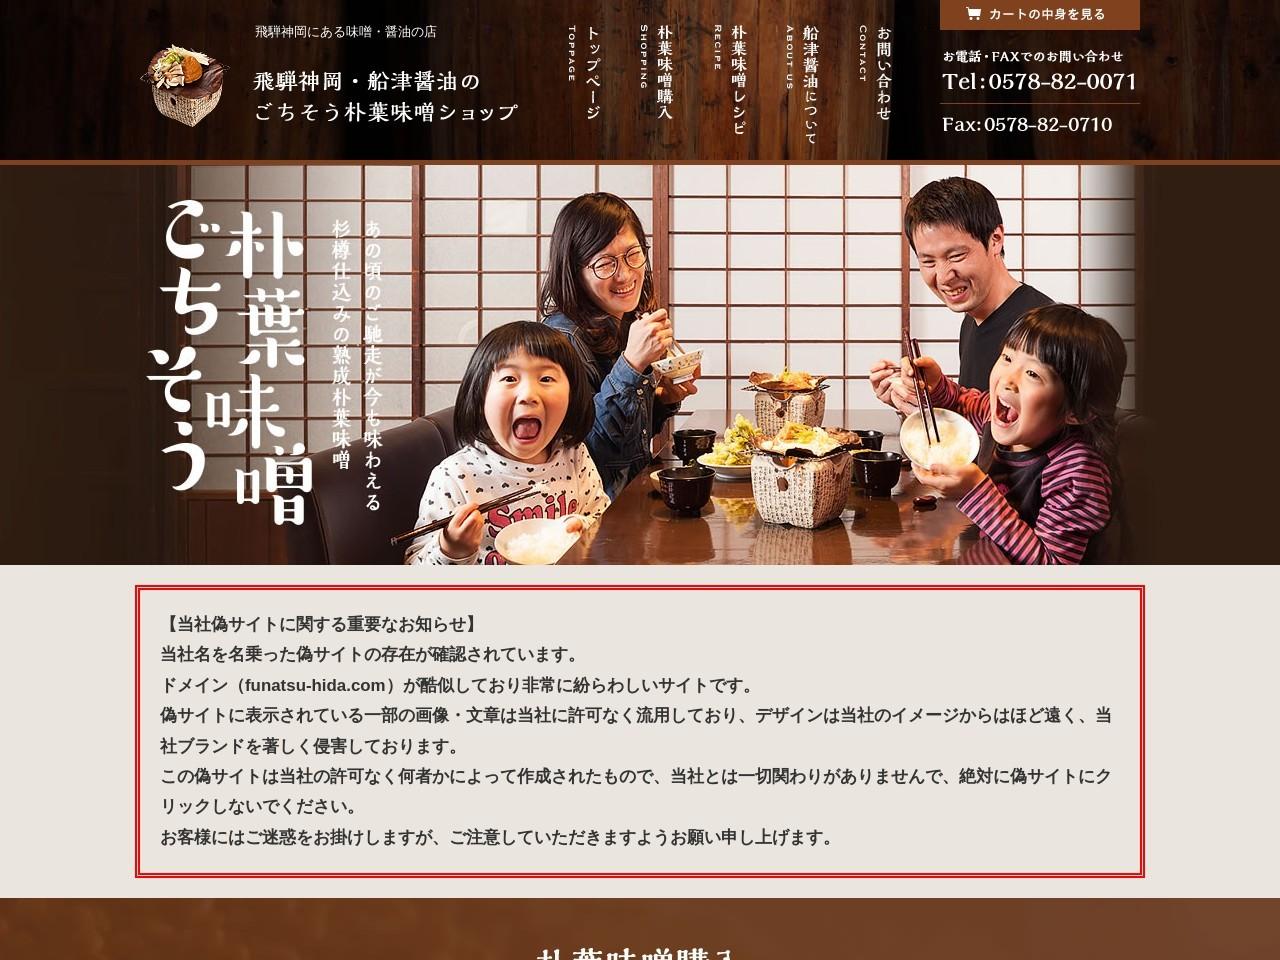 朴葉味噌通販・飛騨神岡船津醤油のごちそう朴葉味噌ショップ